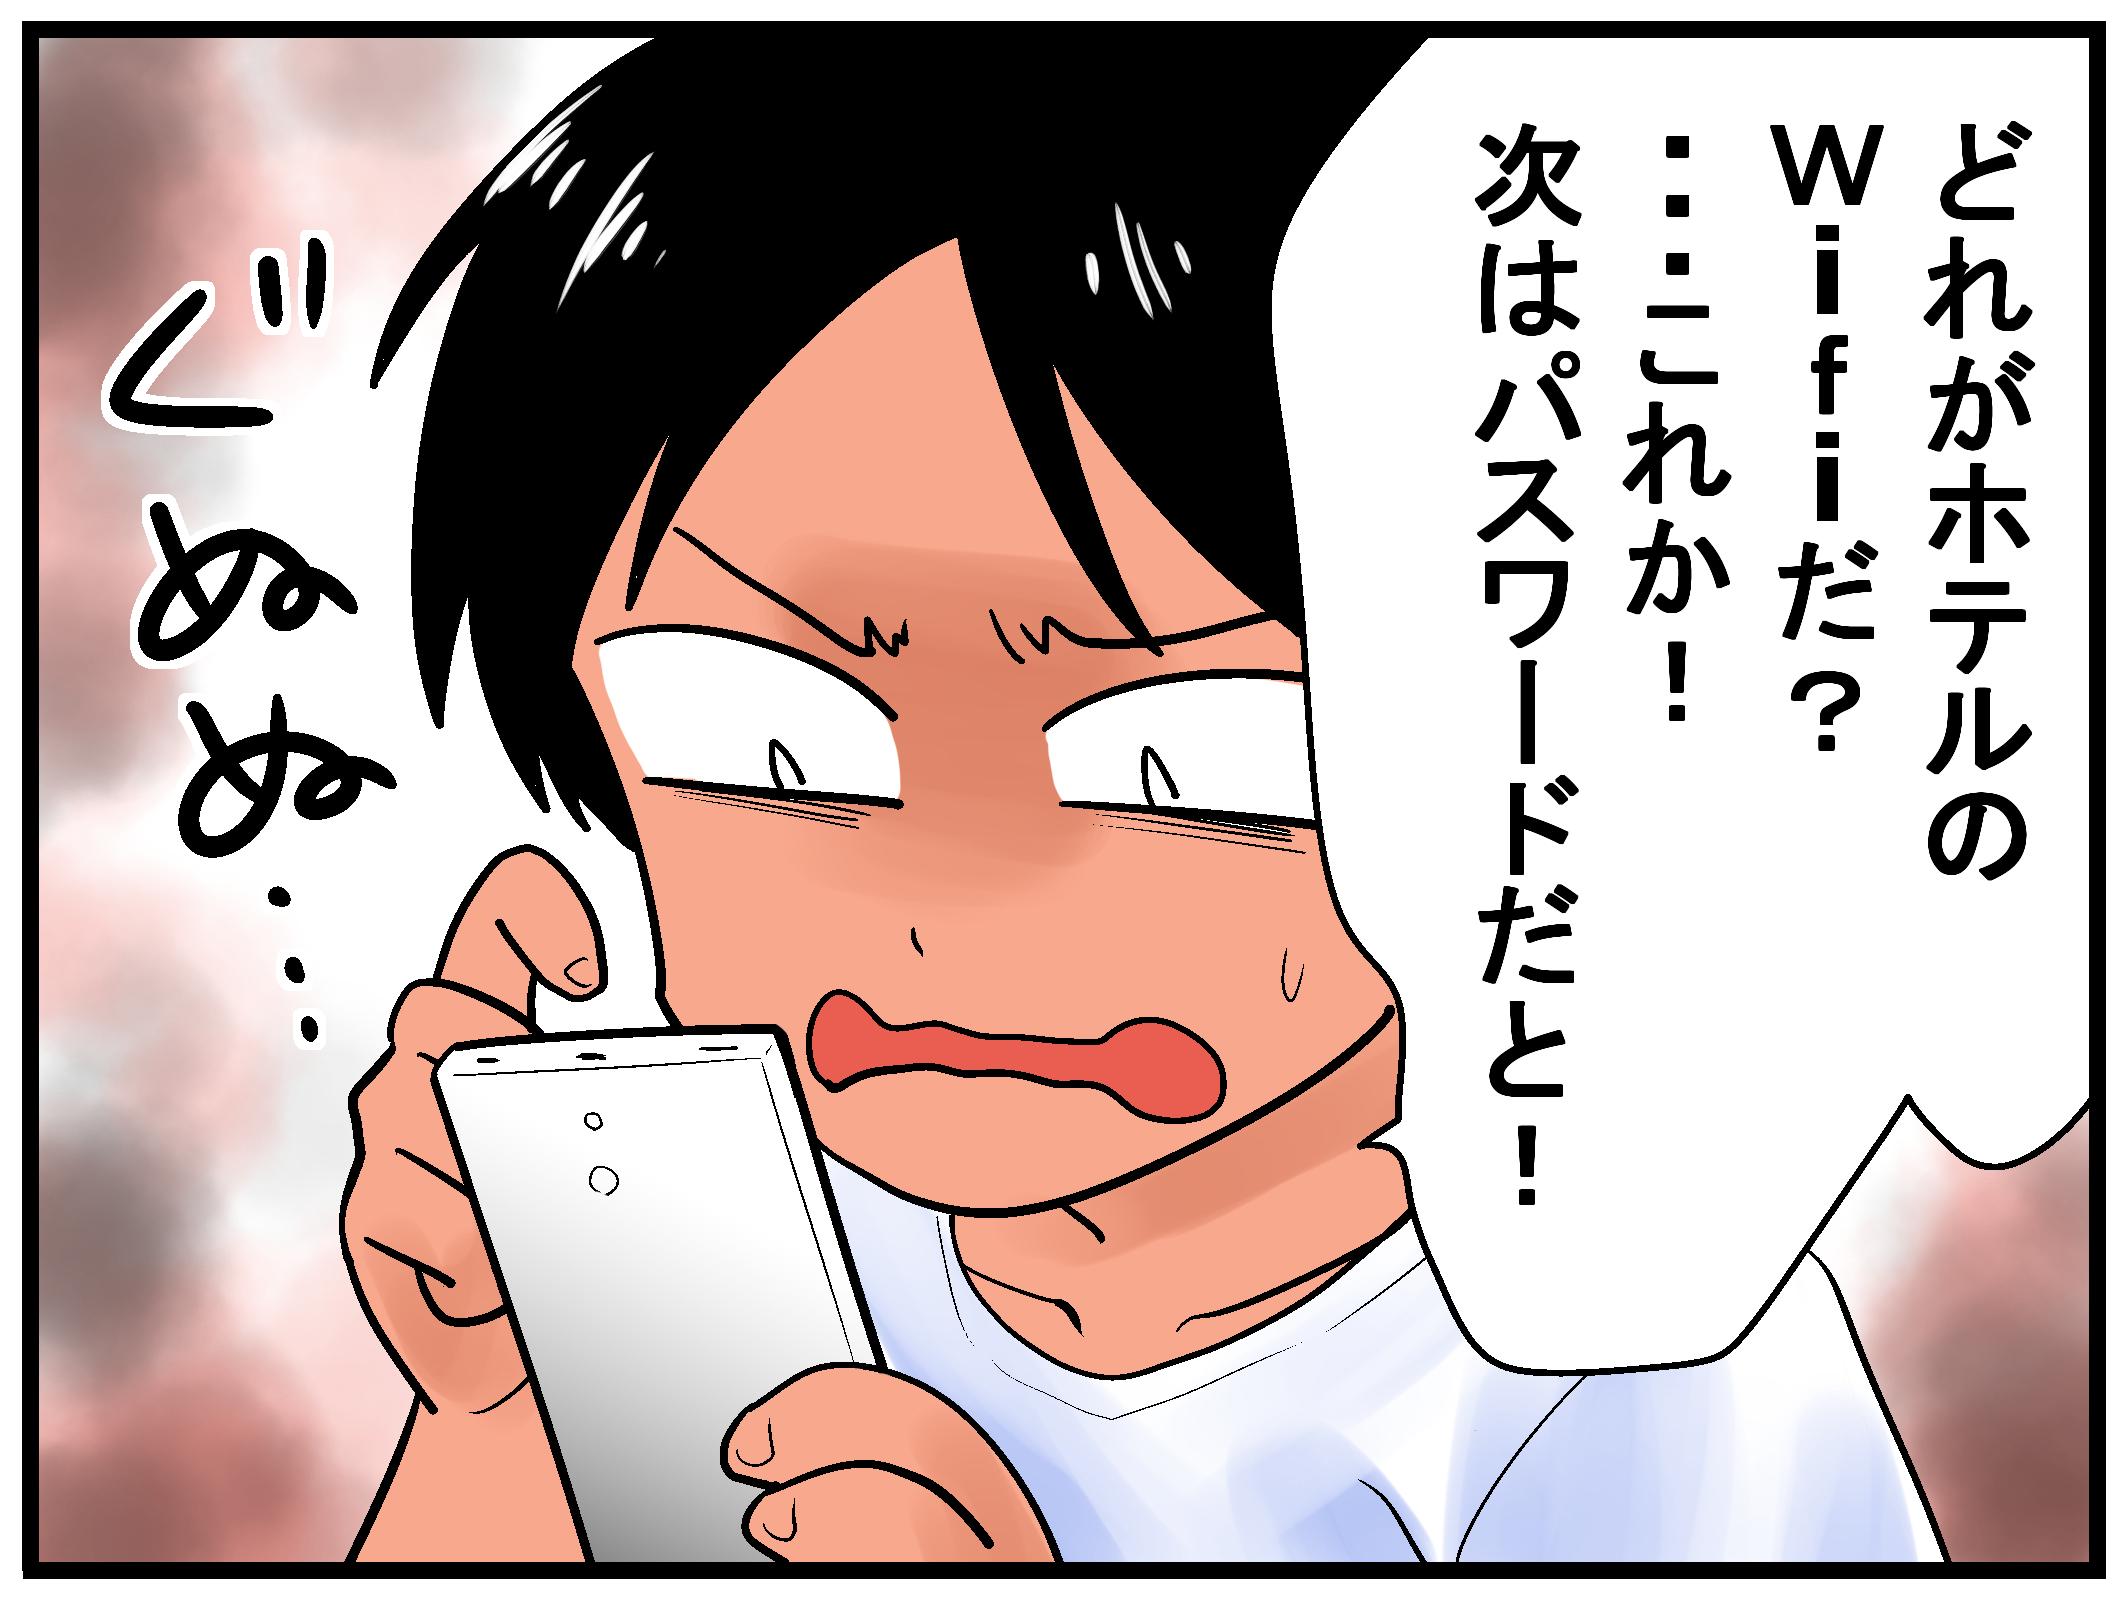 ビジホあるある修正03